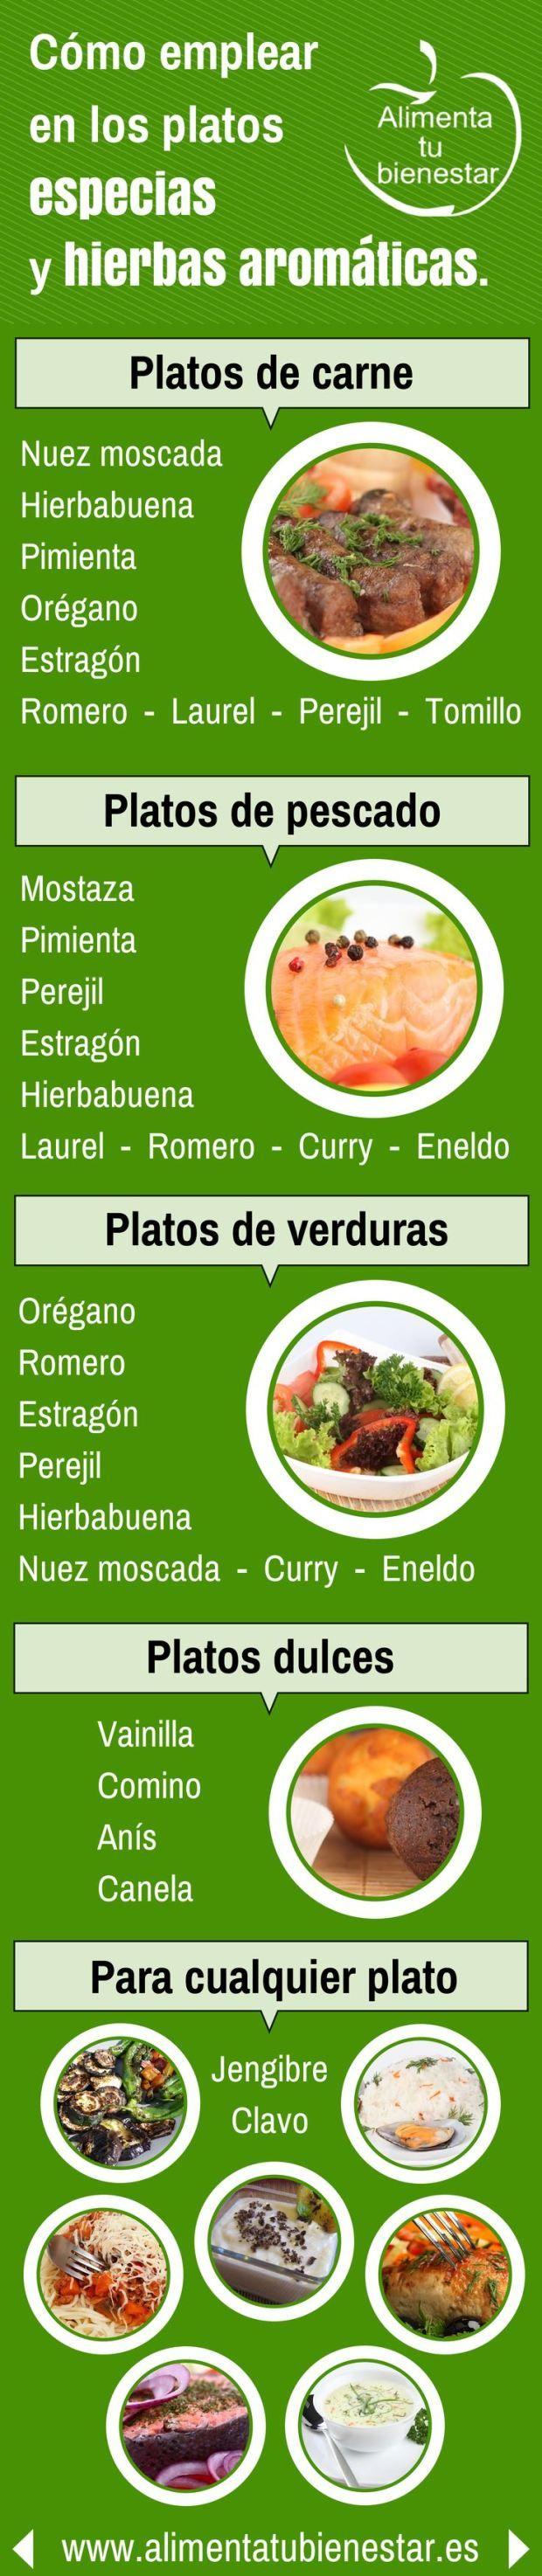 Como utilizar hierbas aromaticas y especias en tus platos